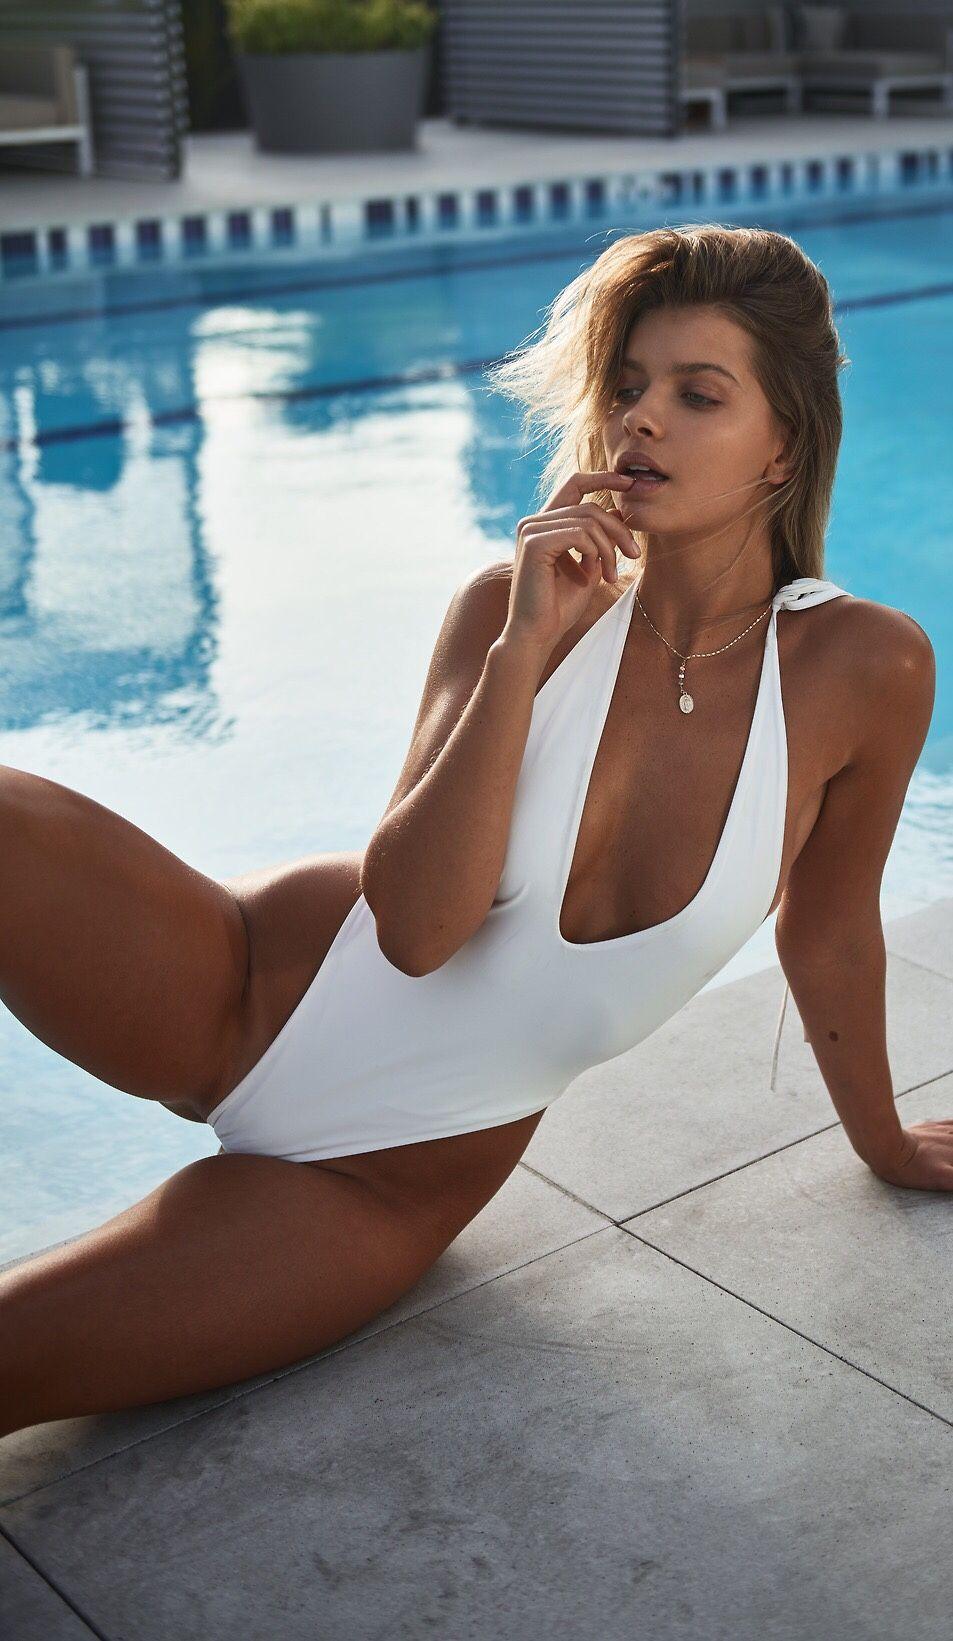 madden bikini pics claire